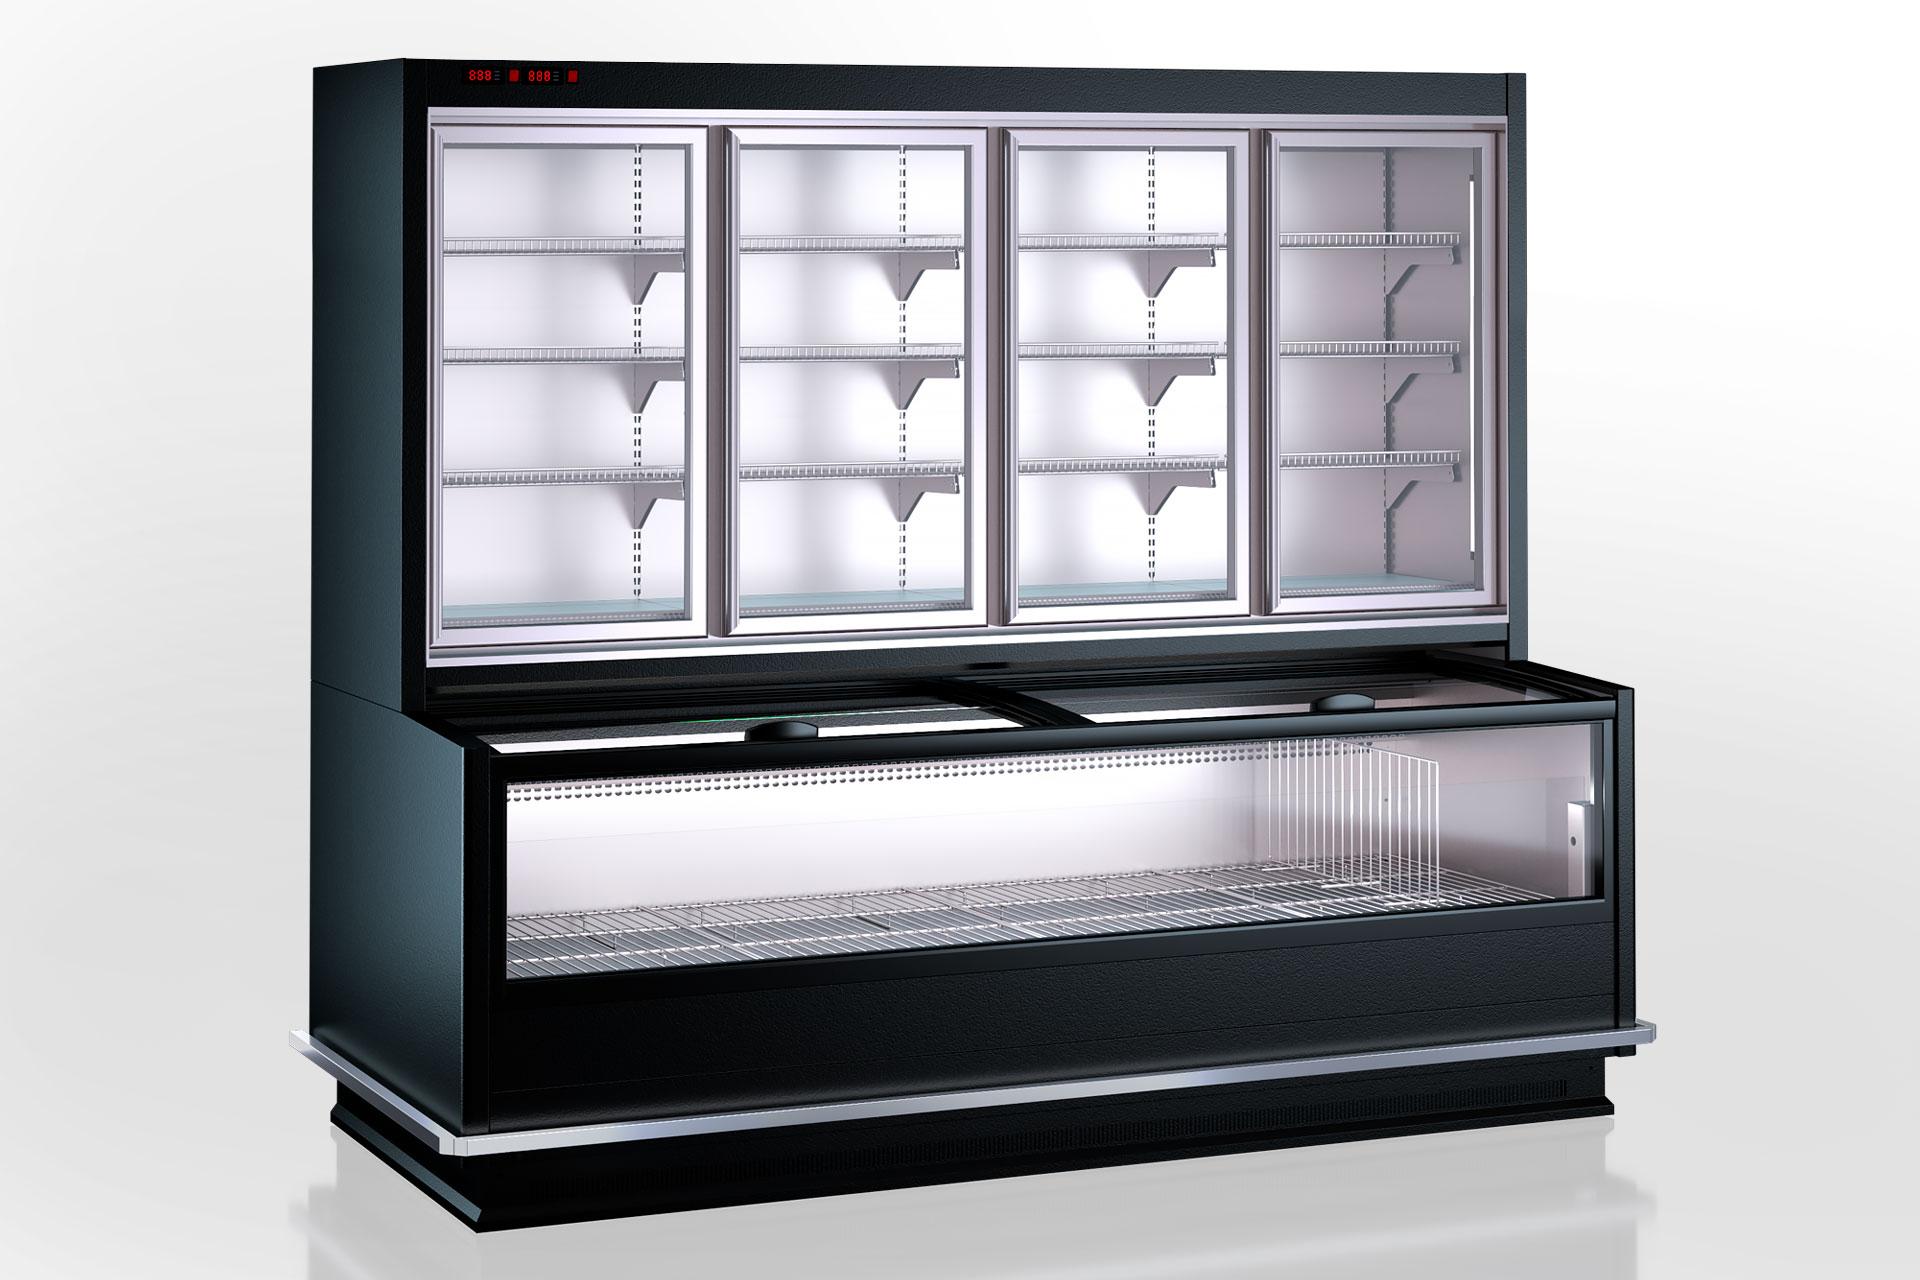 Витрины для замороженных продуктов Alaska combi MHV 110 LT D/C 220-DLM